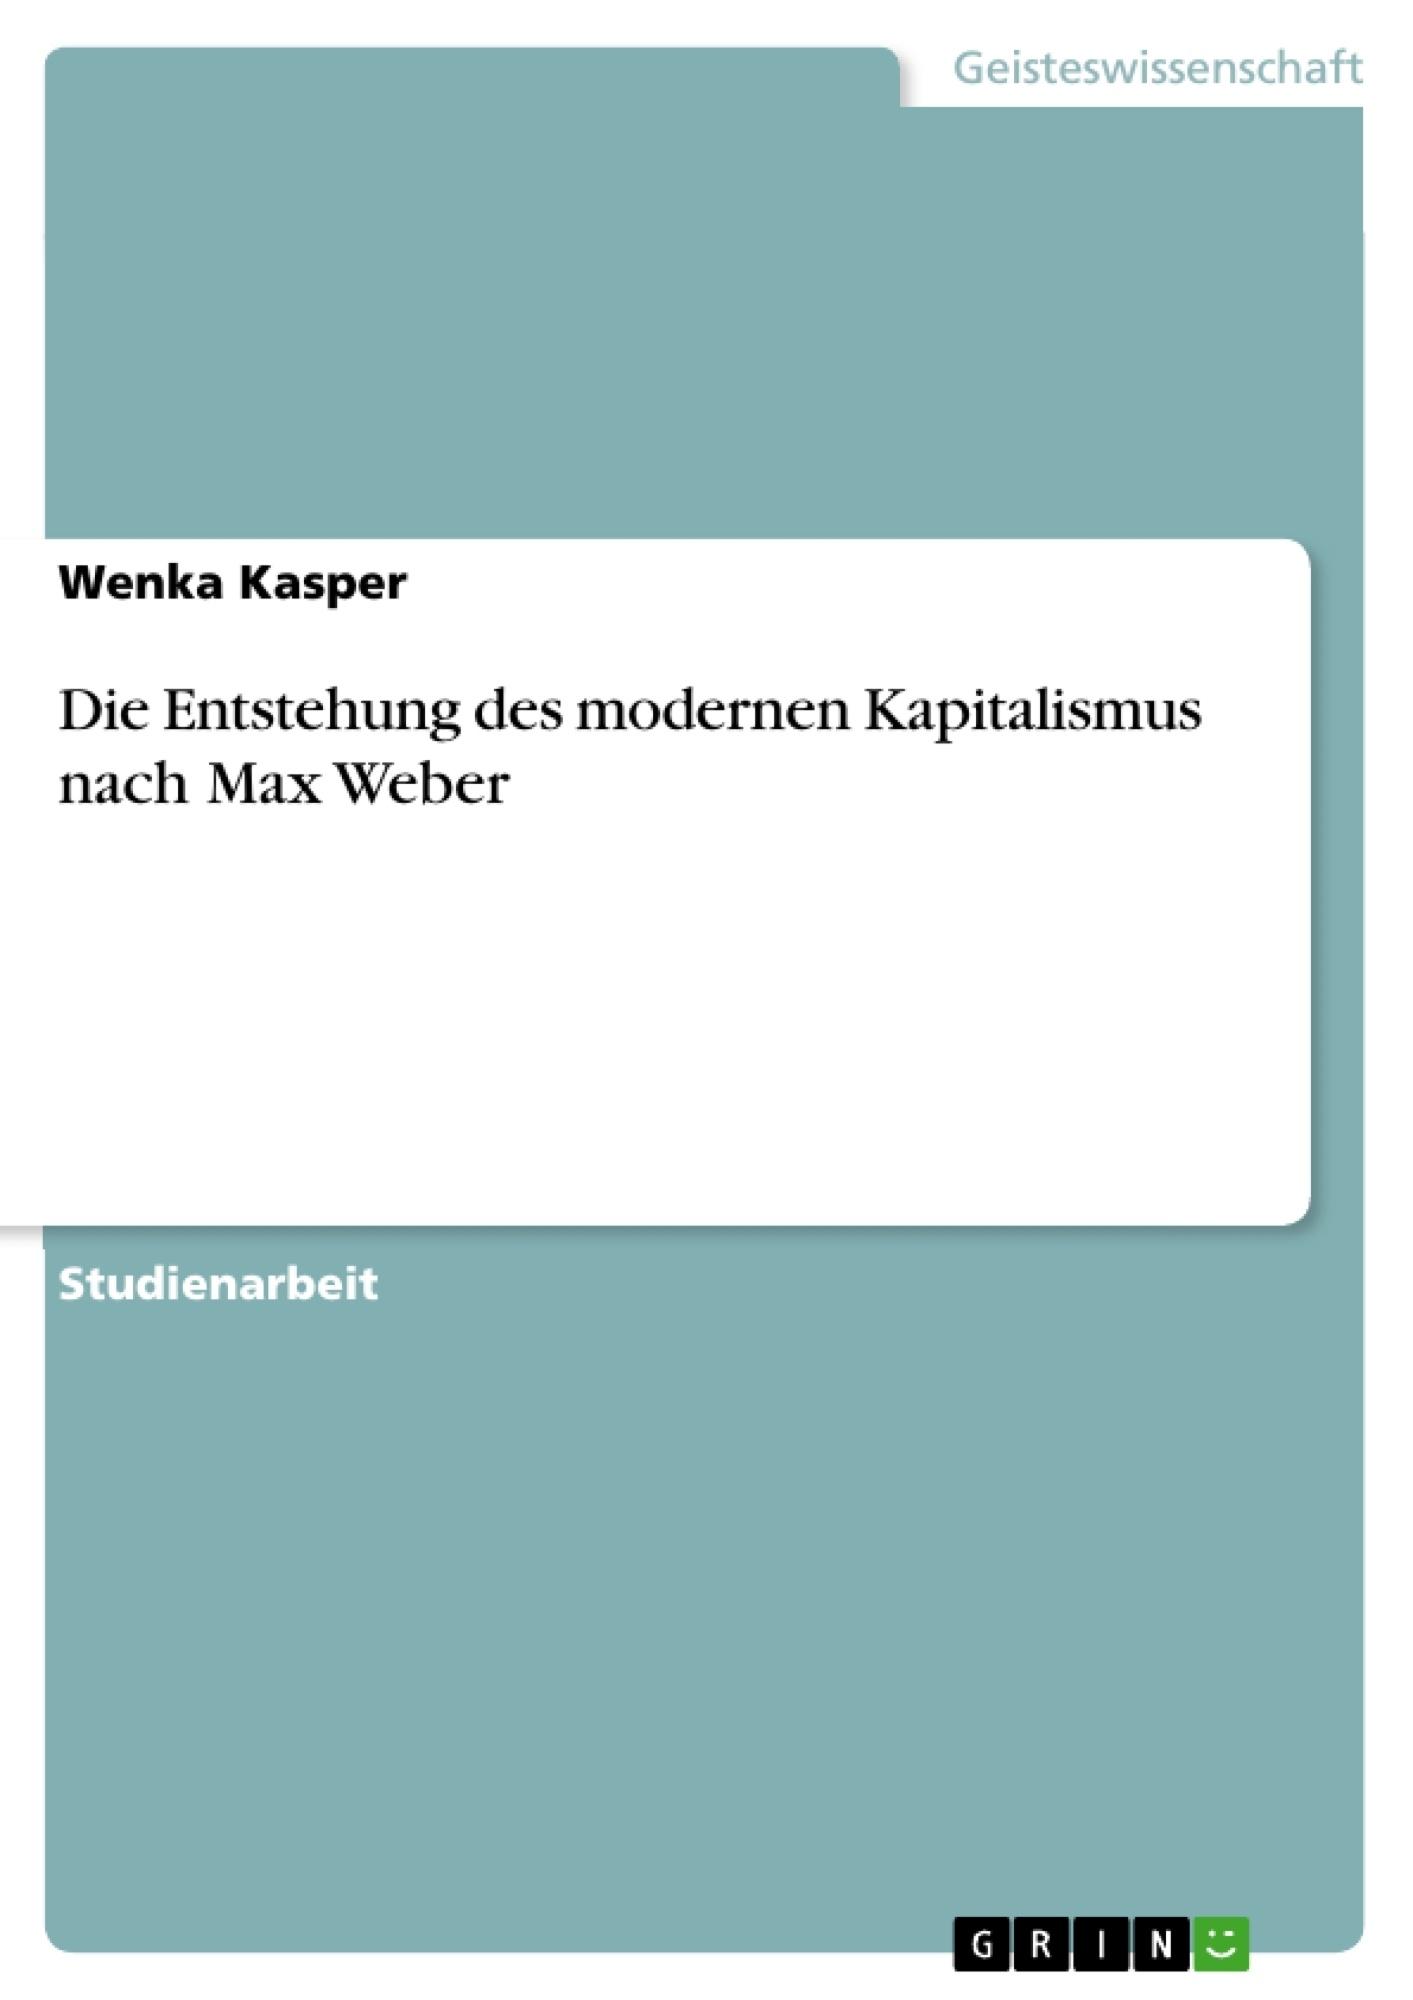 Titel: Die Entstehung des modernen Kapitalismus nach Max Weber